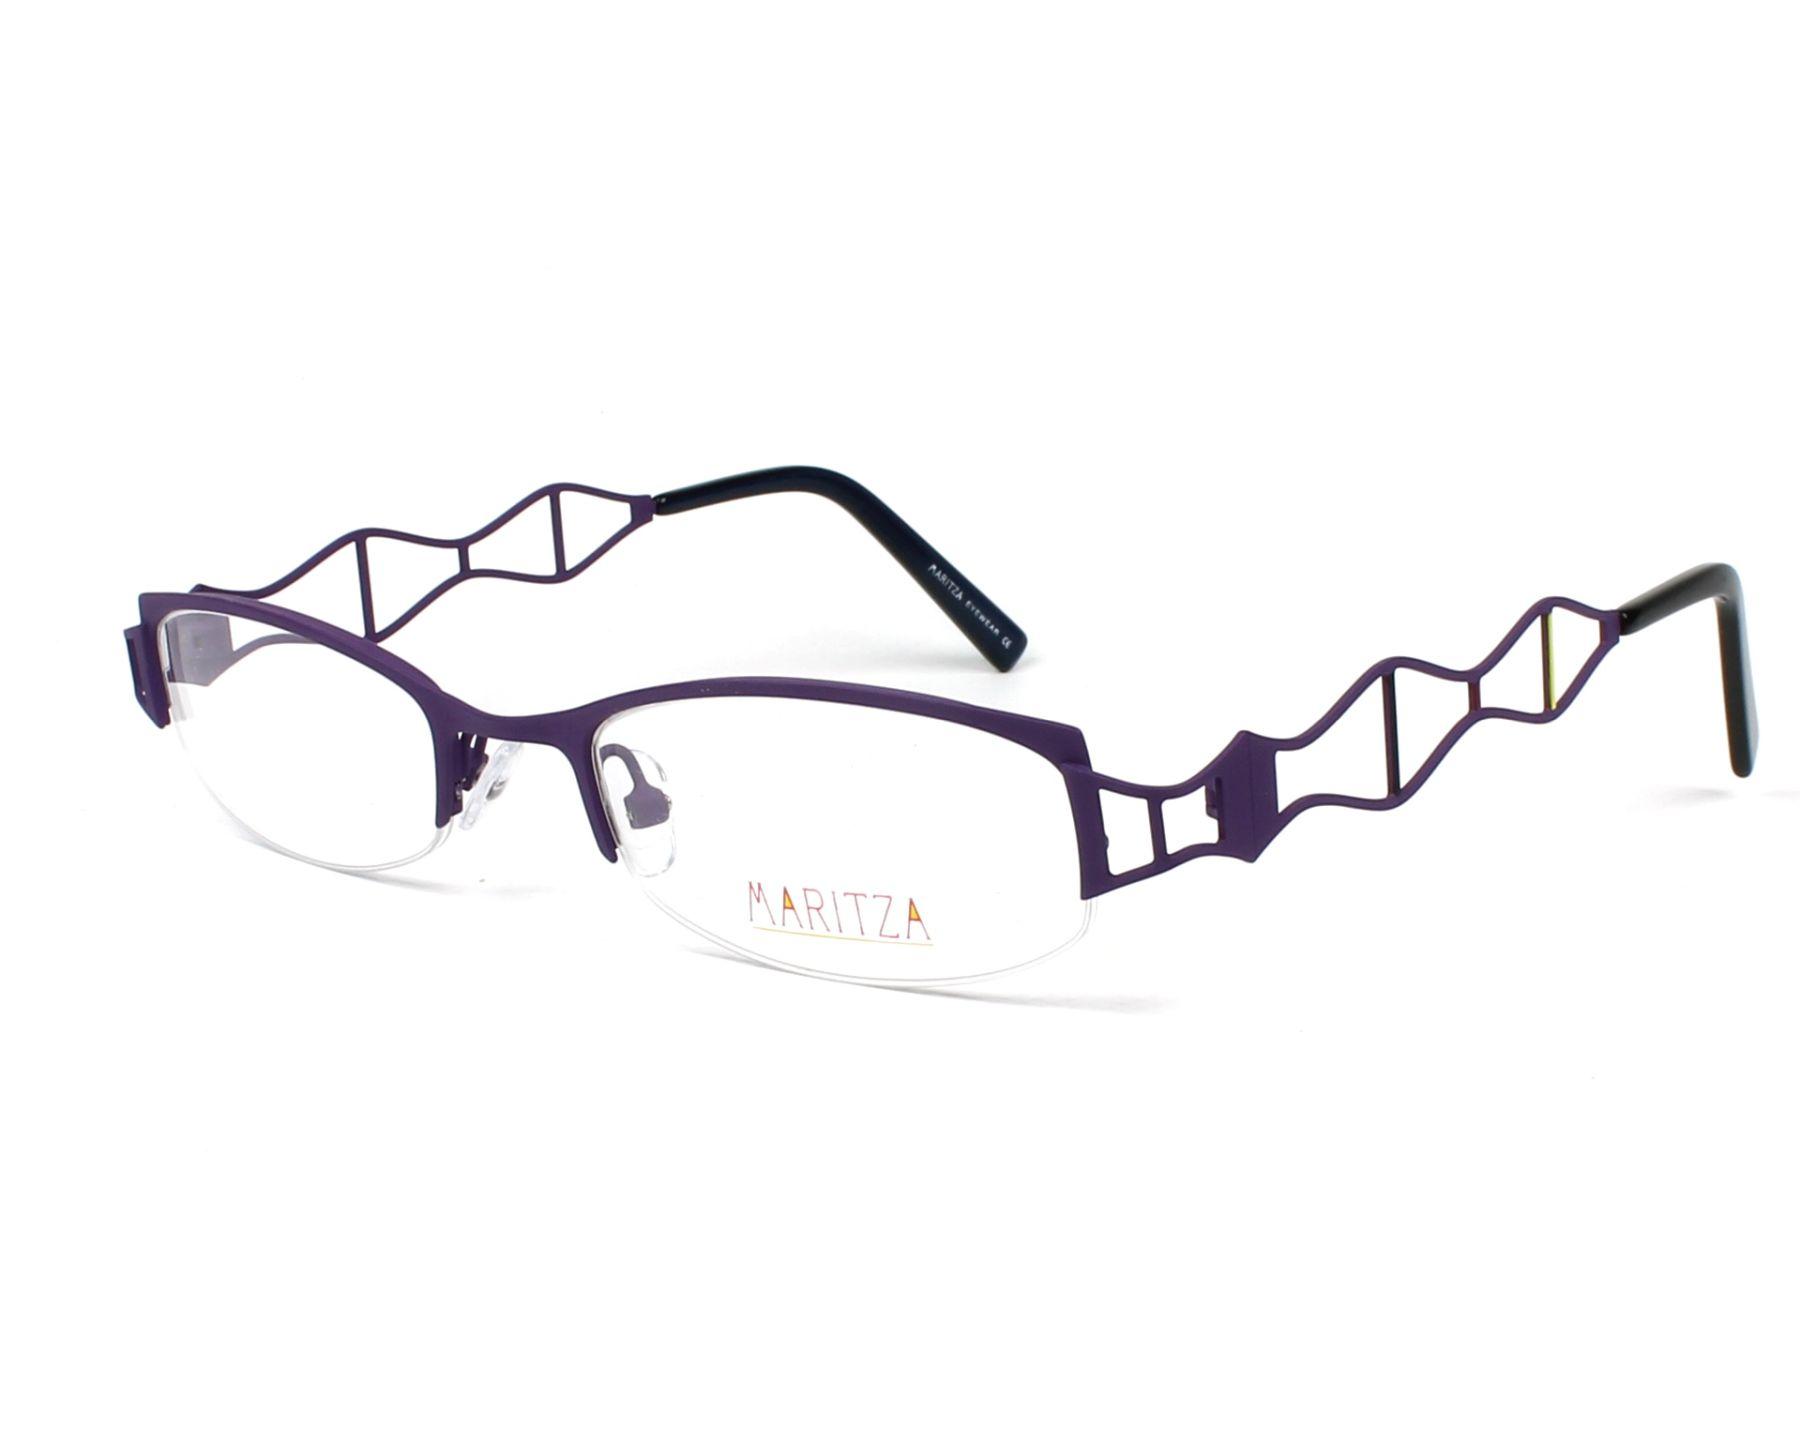 dc8f672fafe45 Lunettes de vue Maritza M-0096 VIR 50-20 Violet vue de profil